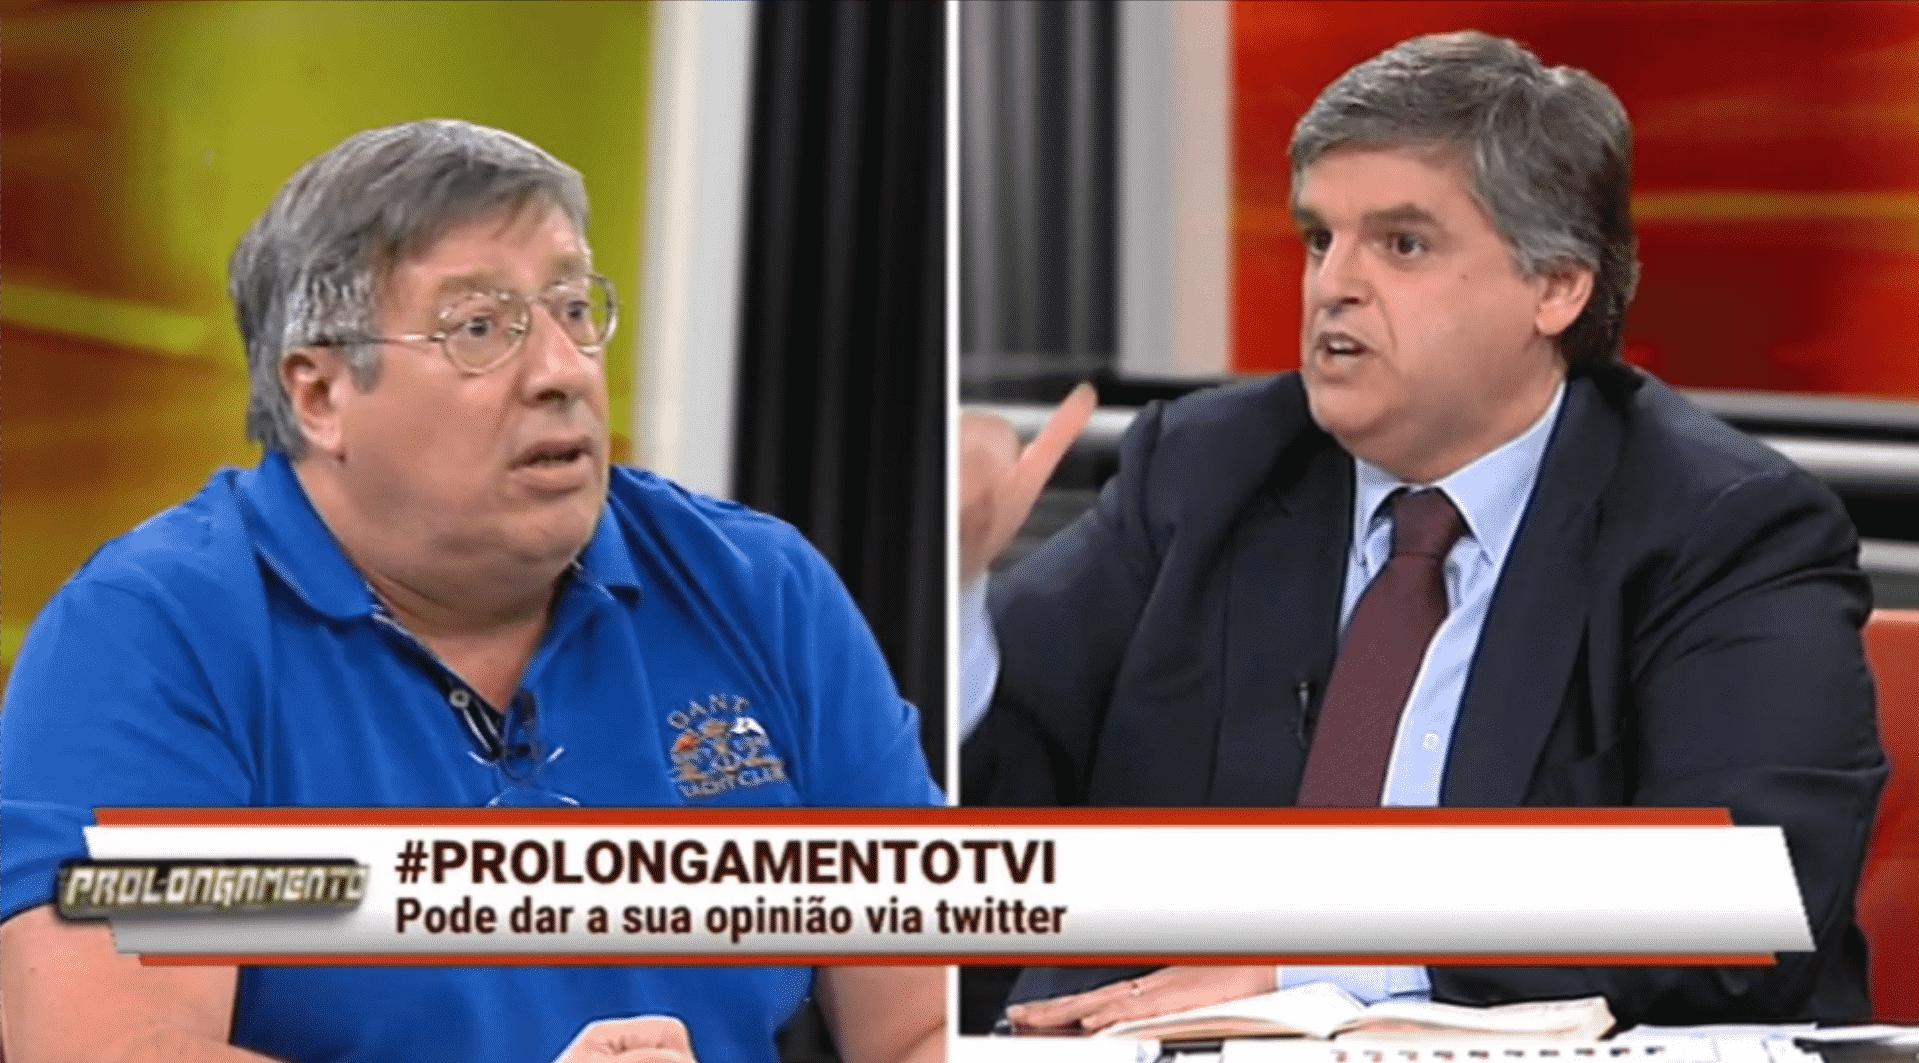 Serrão recorre à mentira cria o caos no programa para fugir às contas do FC Porto